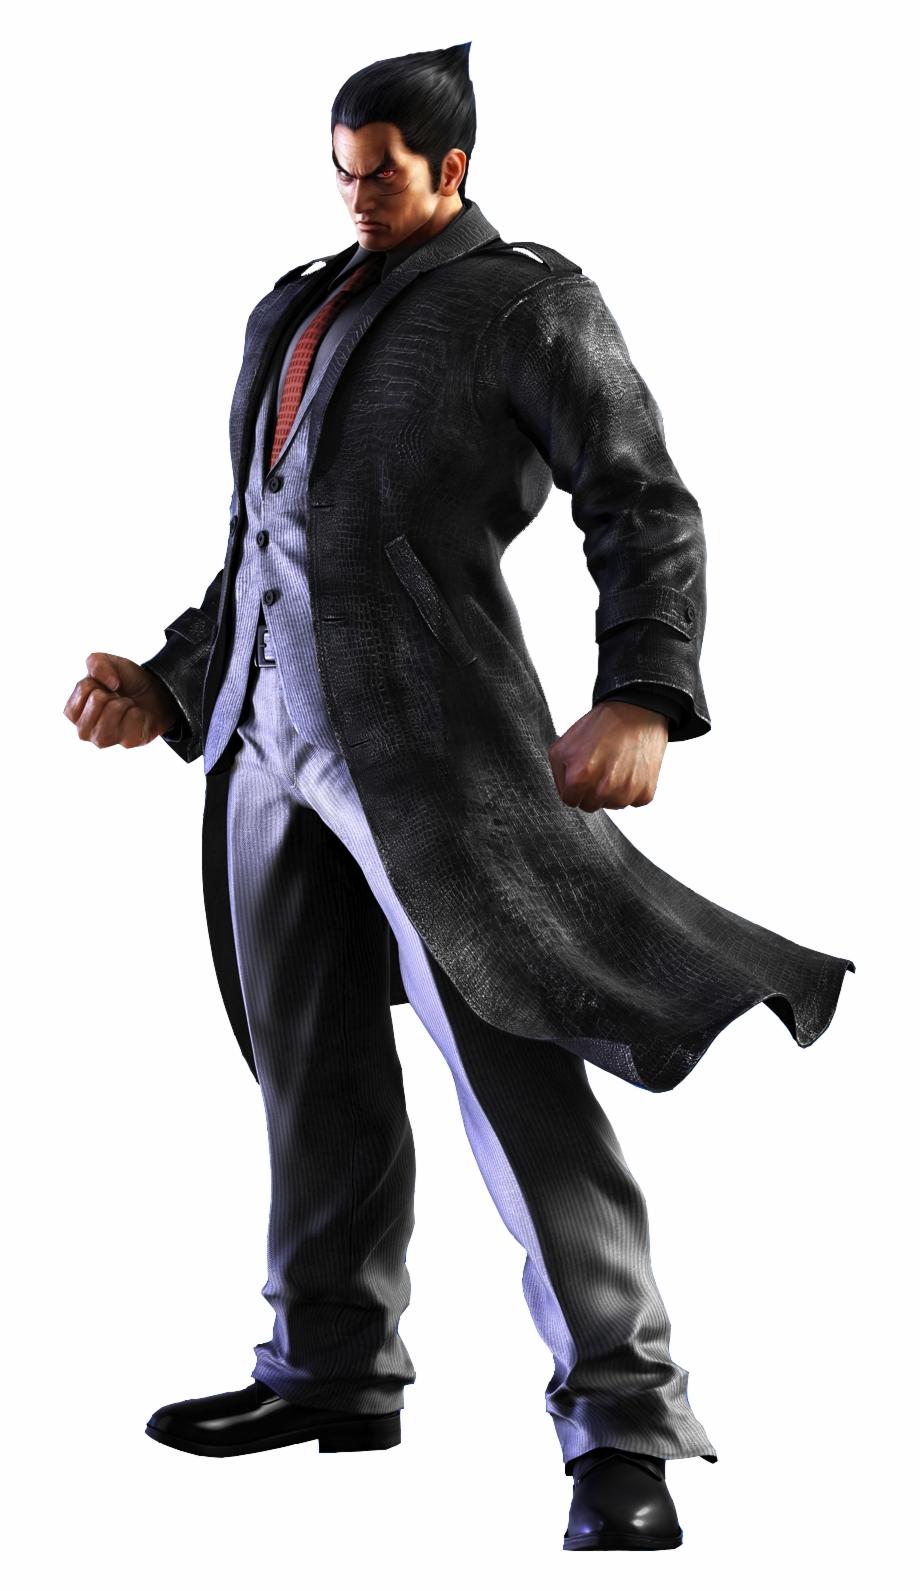 Tekken 7 Png Transparent Png Download 759495 Vippng